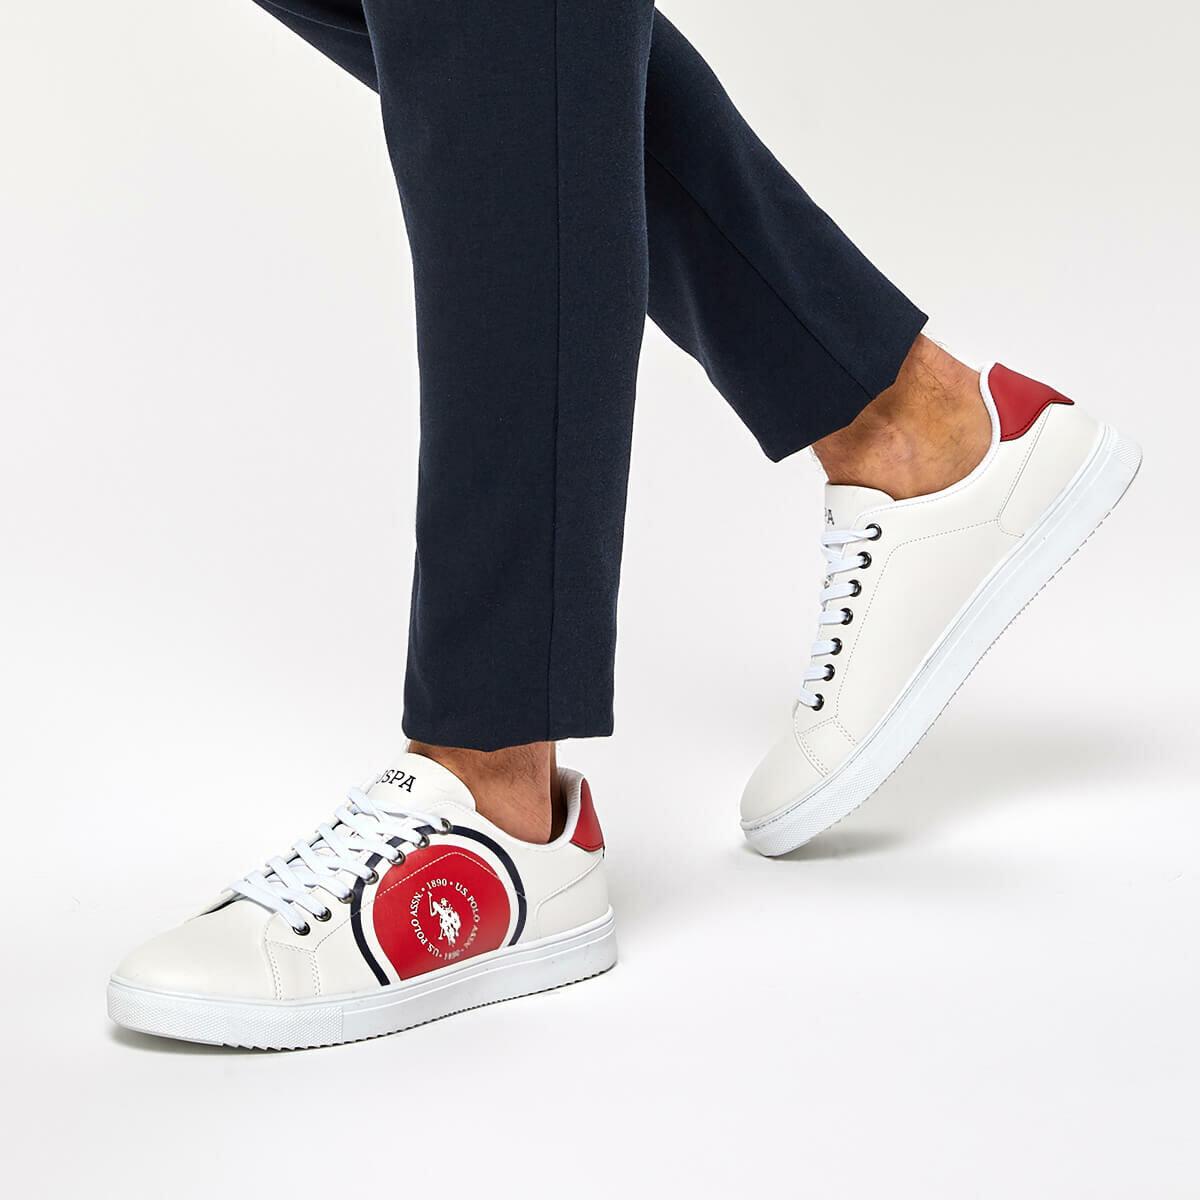 FLO NICOLAS White Men 'S Sneaker Shoes U.S. POLO ASSN.